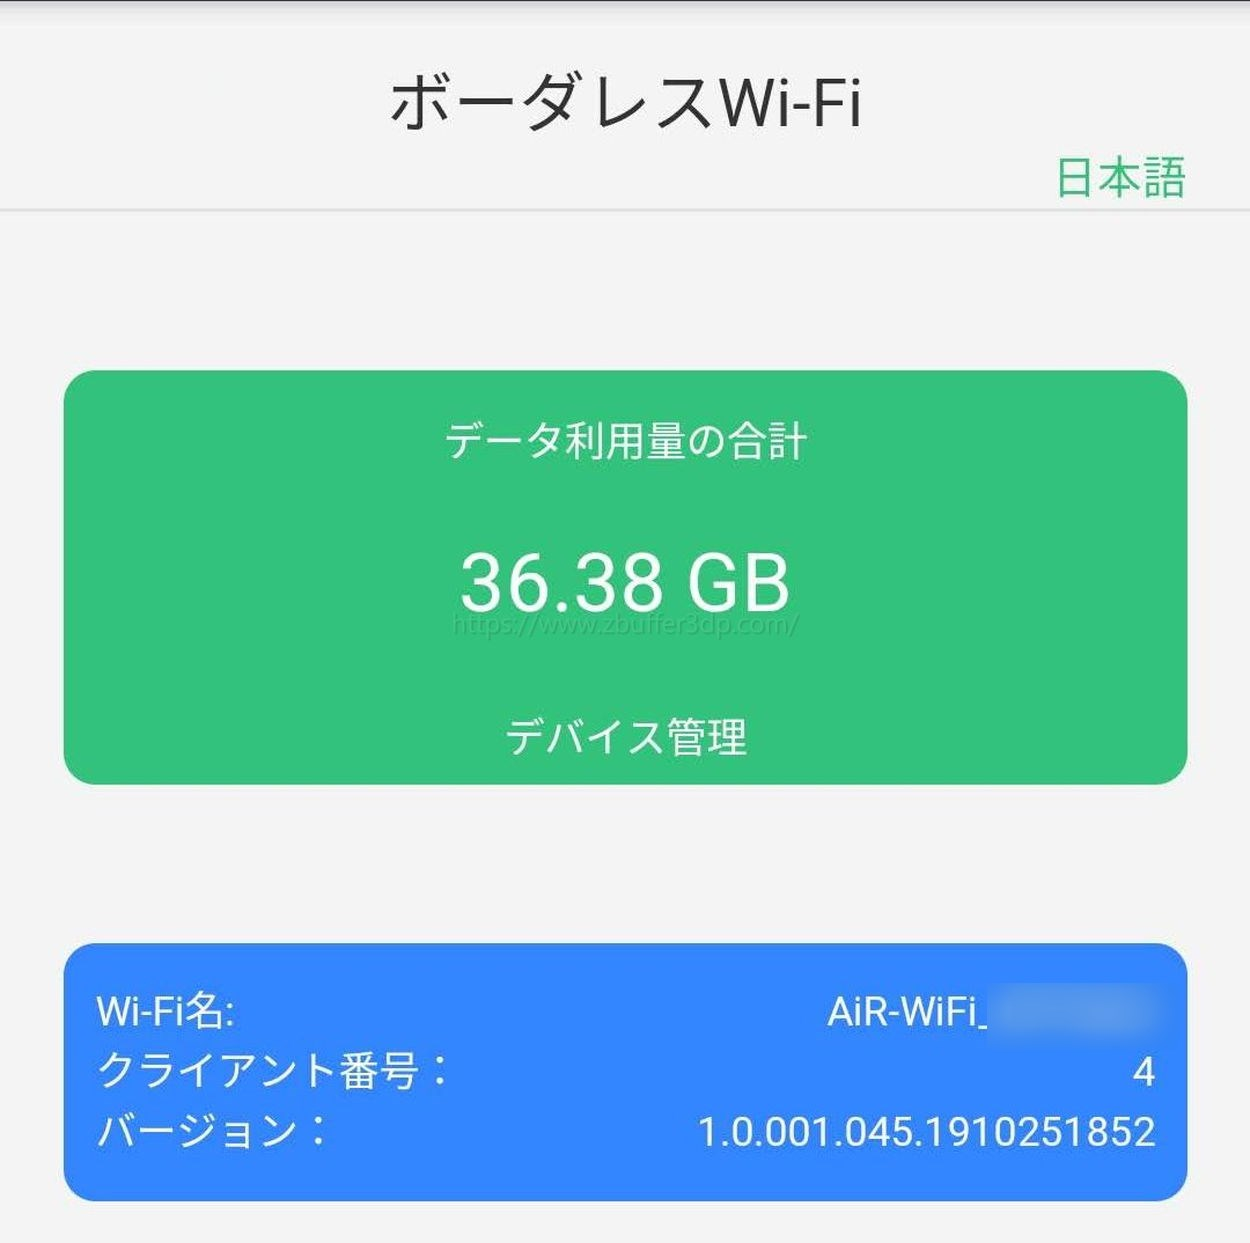 クラウドwifi東京で3日間10GB以上使用